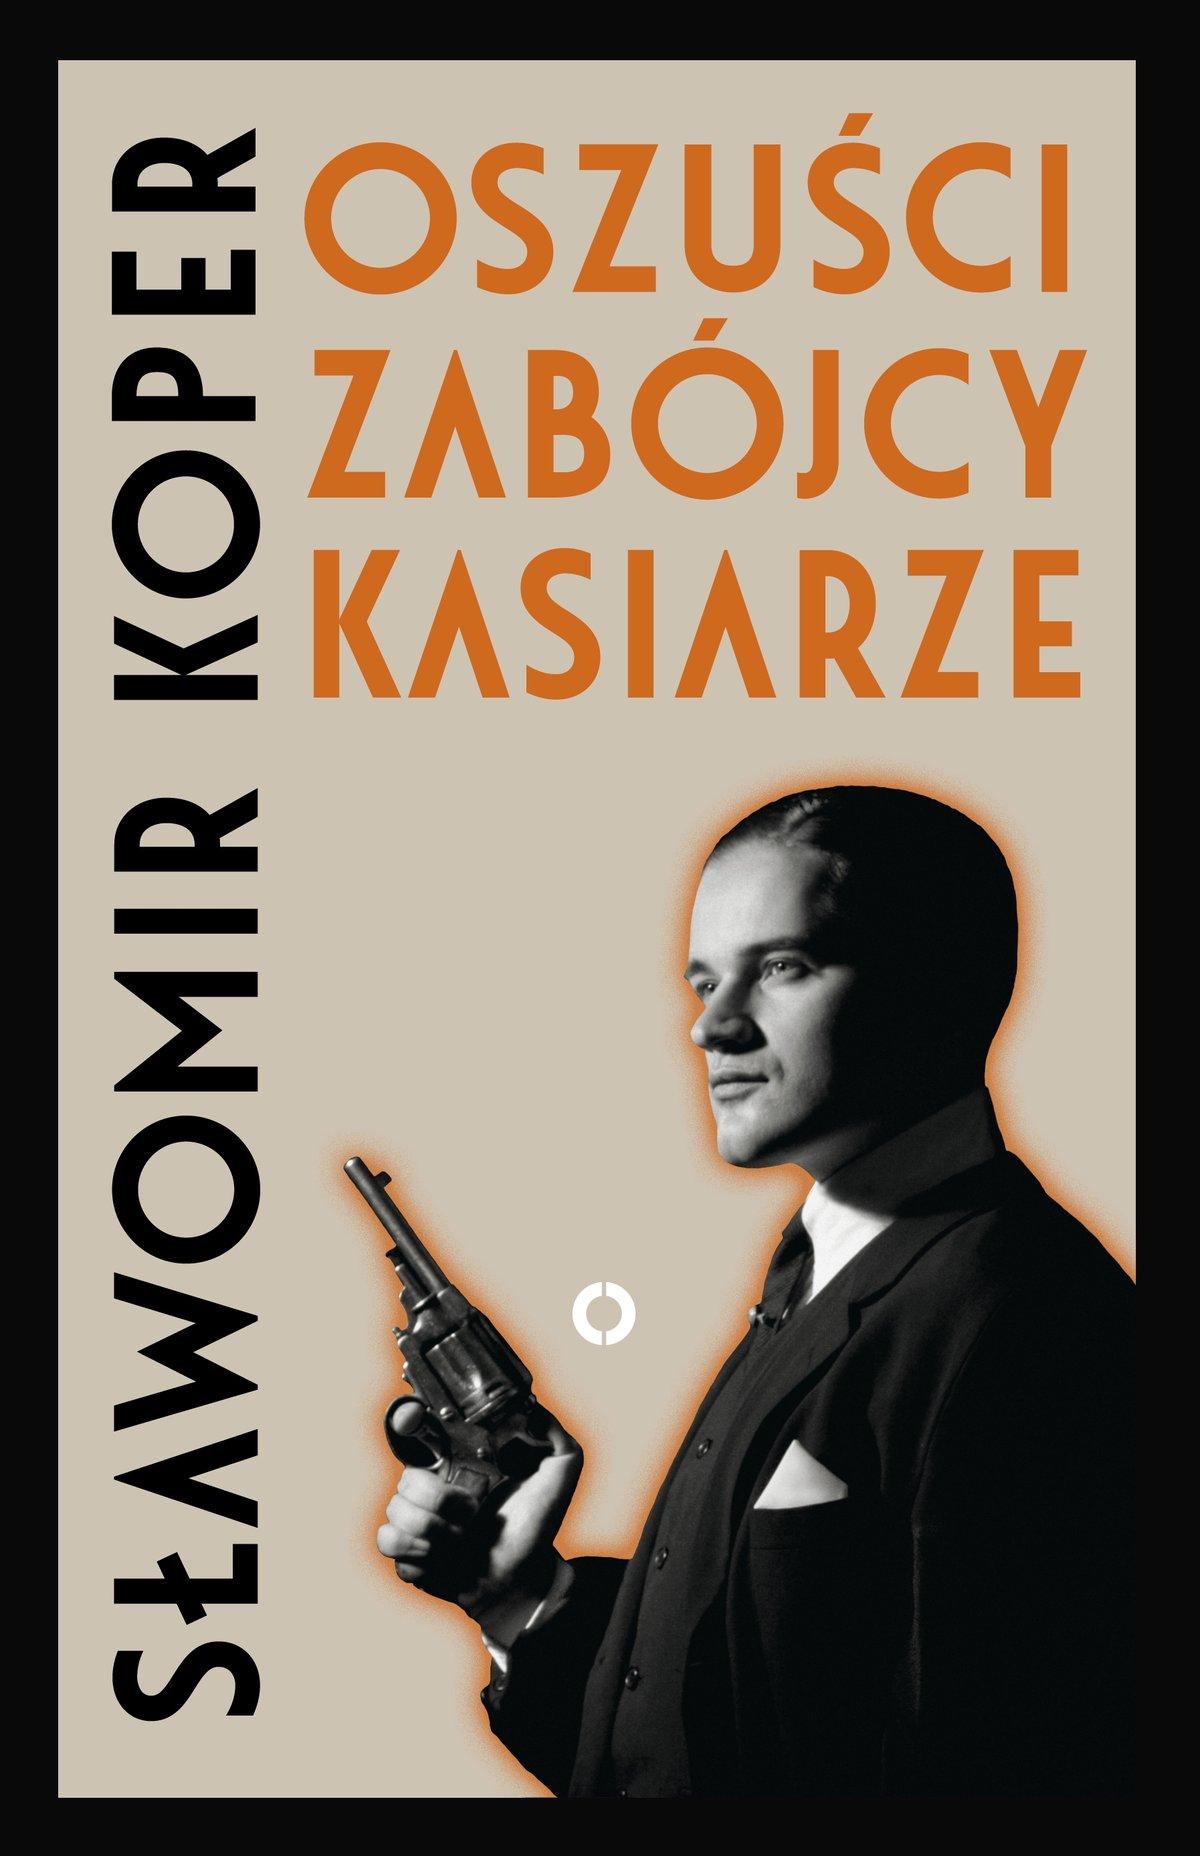 Oszuści, zabójcy, kasiarze - Ebook (Książka na Kindle) do pobrania w formacie MOBI